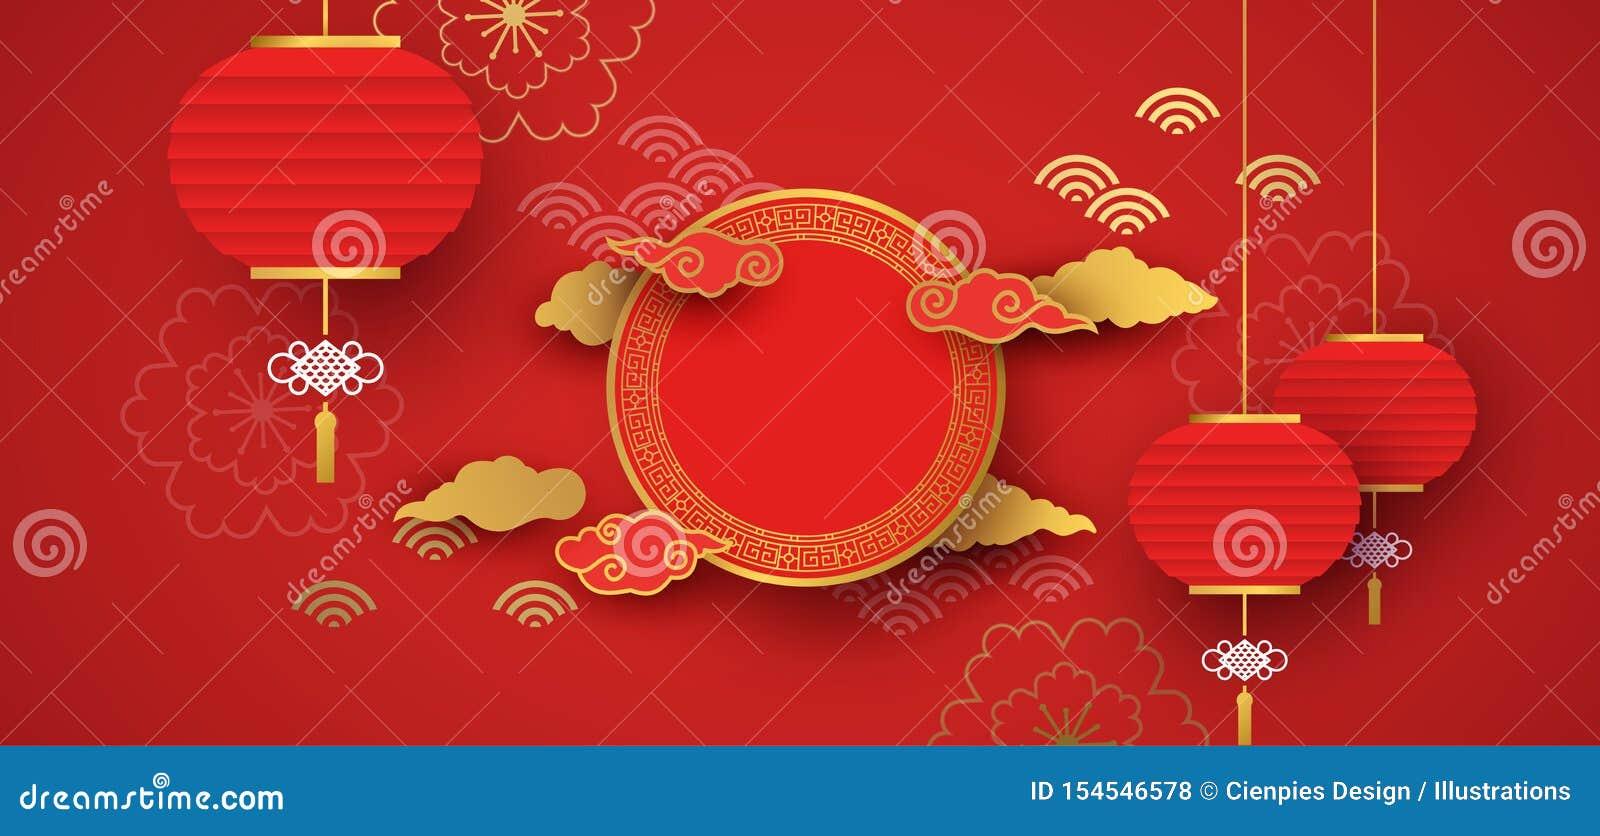 Κόκκινο και χρυσό πρότυπο υποβάθρου papercut κινεζικό